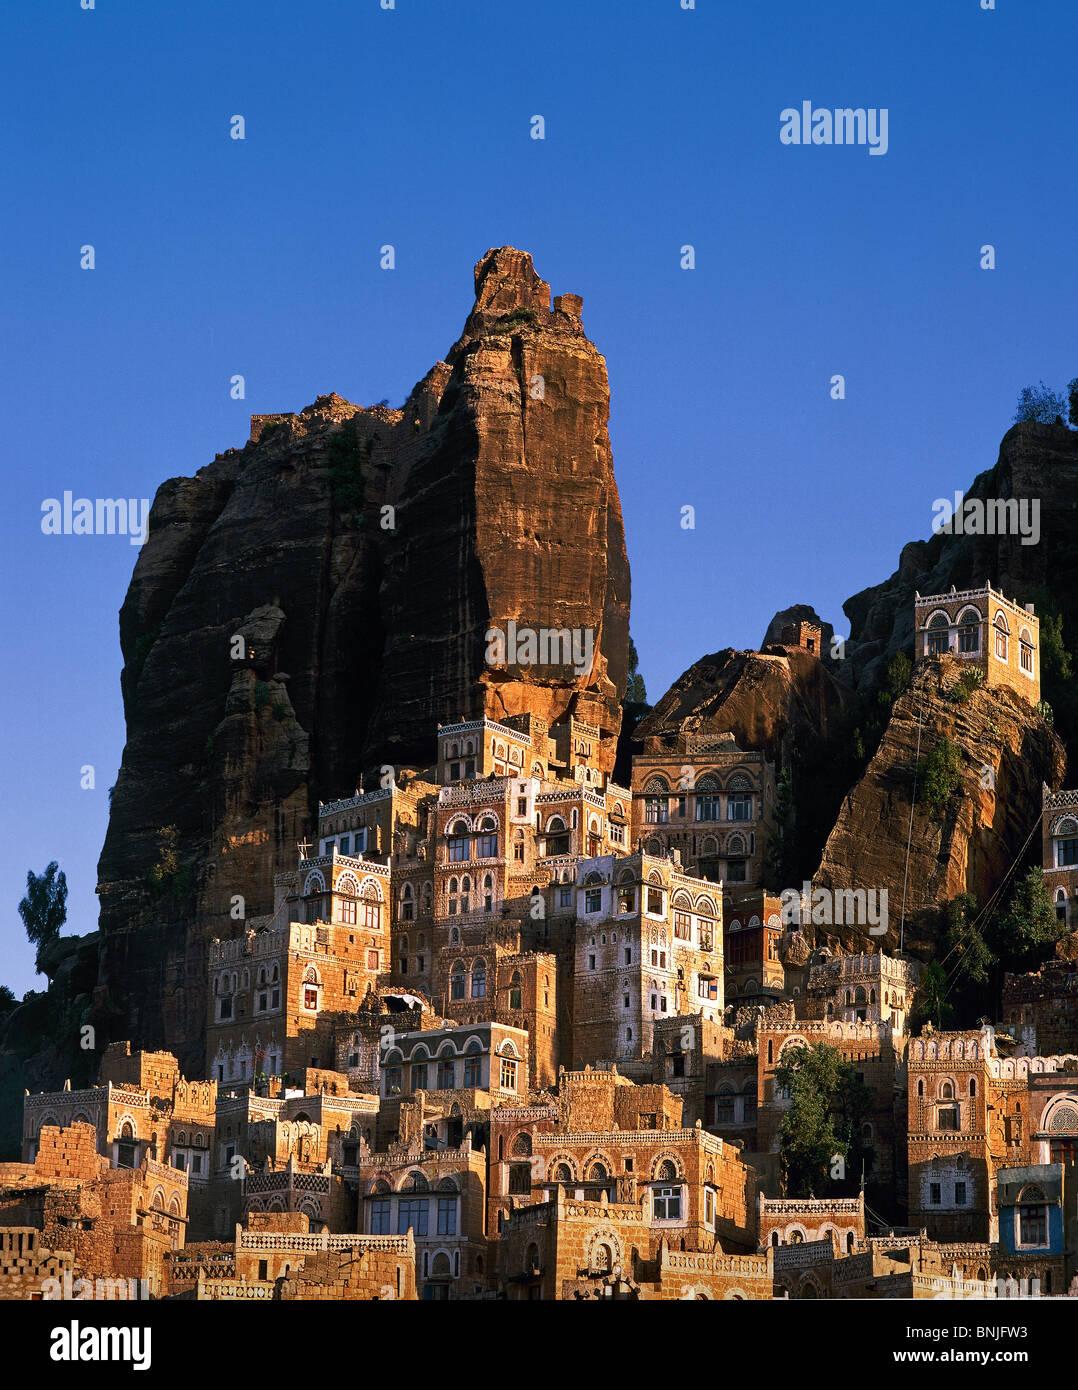 Valle de Hadhramaut Yemen de febrero de 2005 cerca de la ciudad de Shibam rocas rock ciudad de Hadda de montaña Imagen De Stock